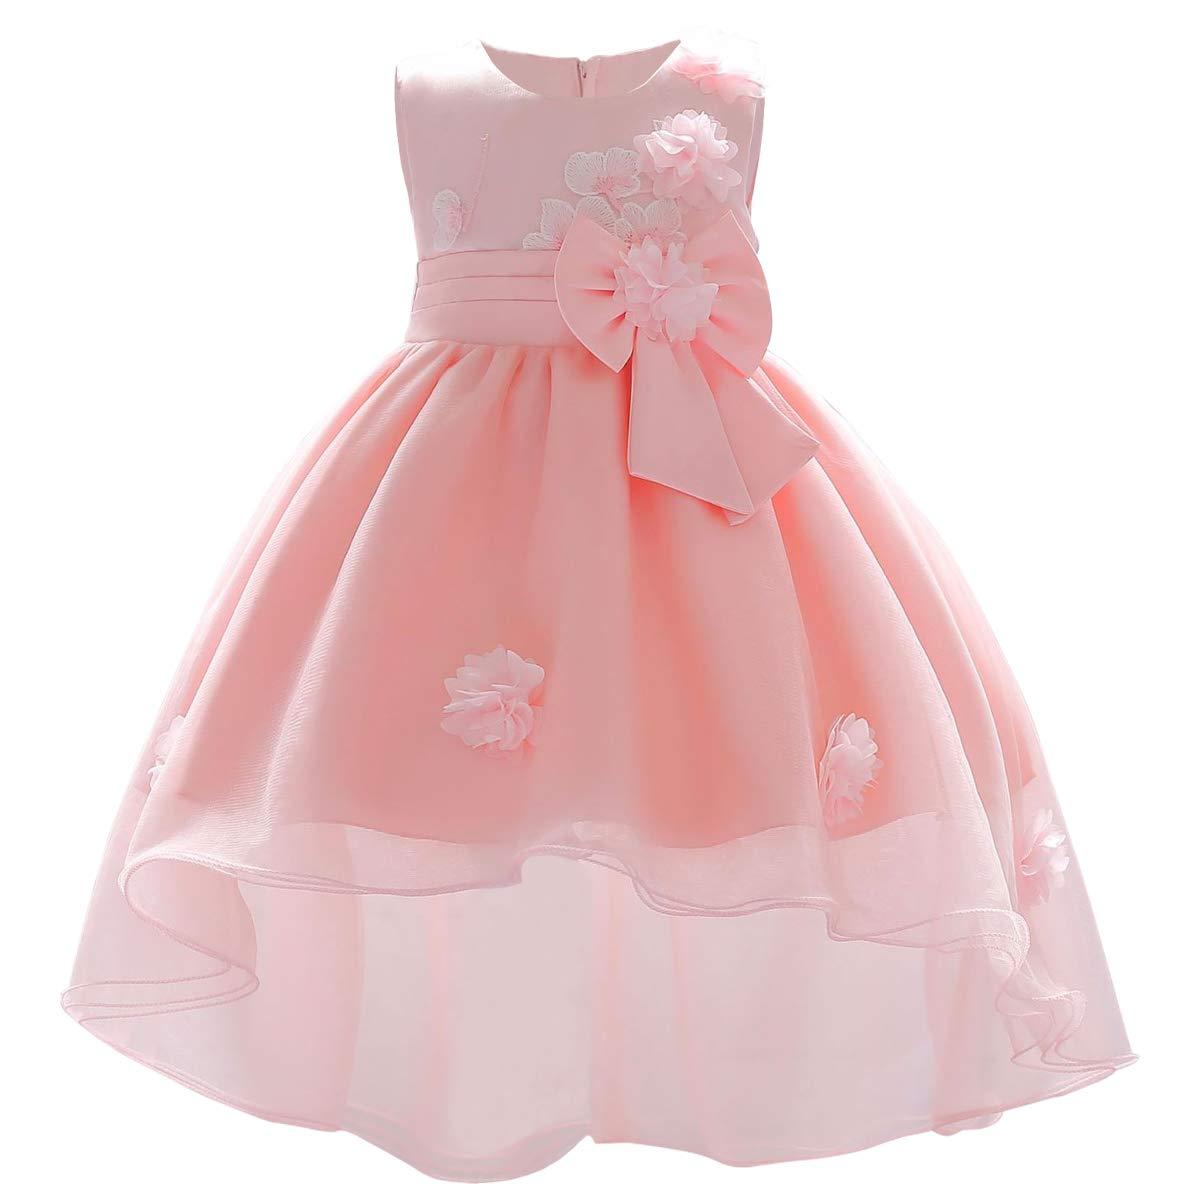 OBEEII Baby Girl Flower Applique Tutu High Low Dress First Communion Christening